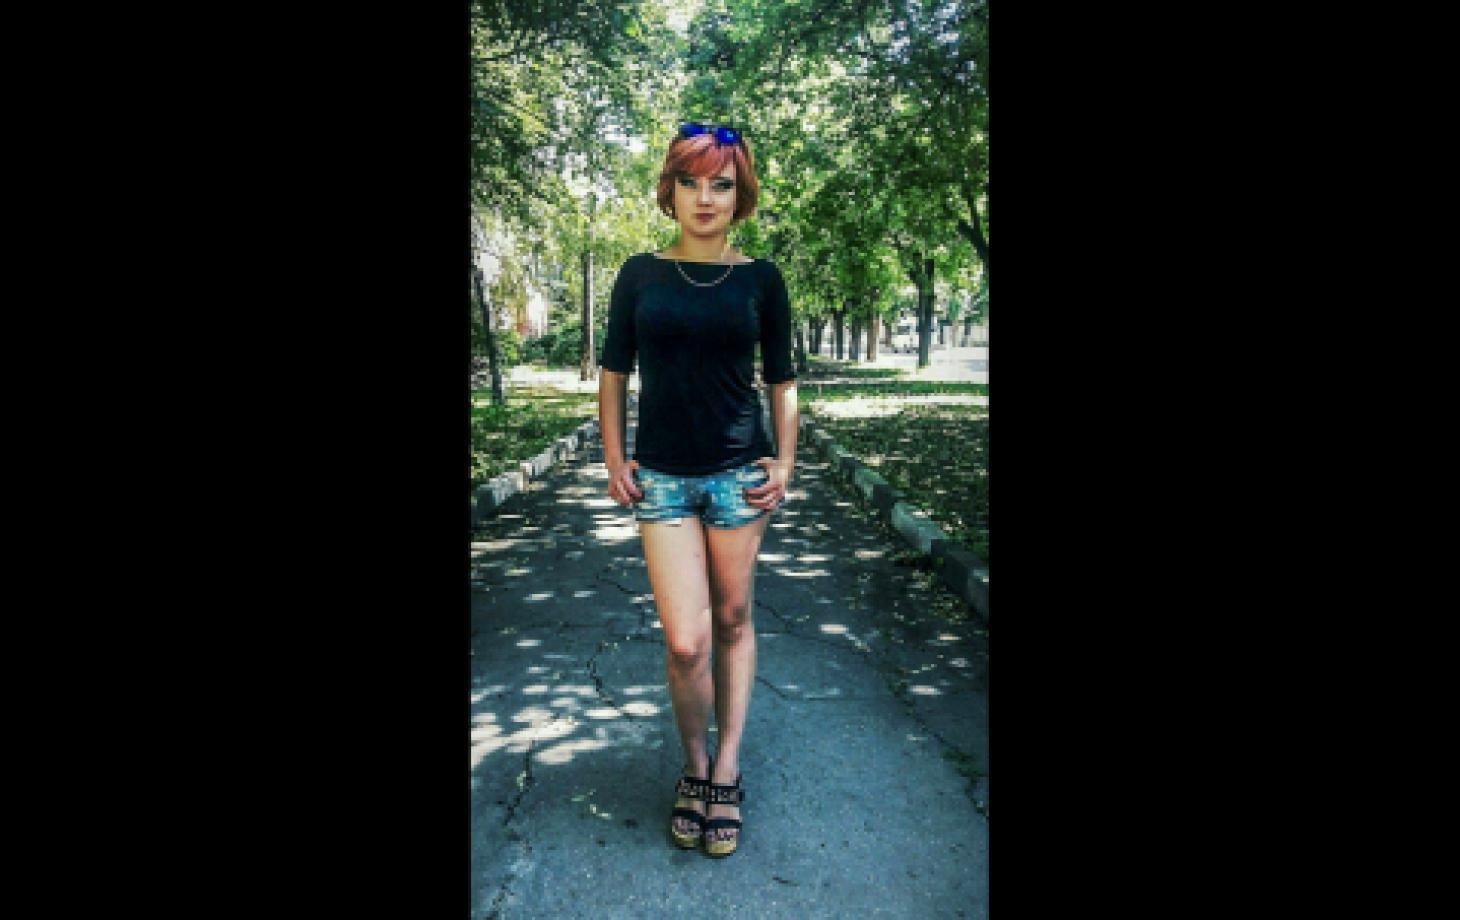 Яна Савина, 17 лет